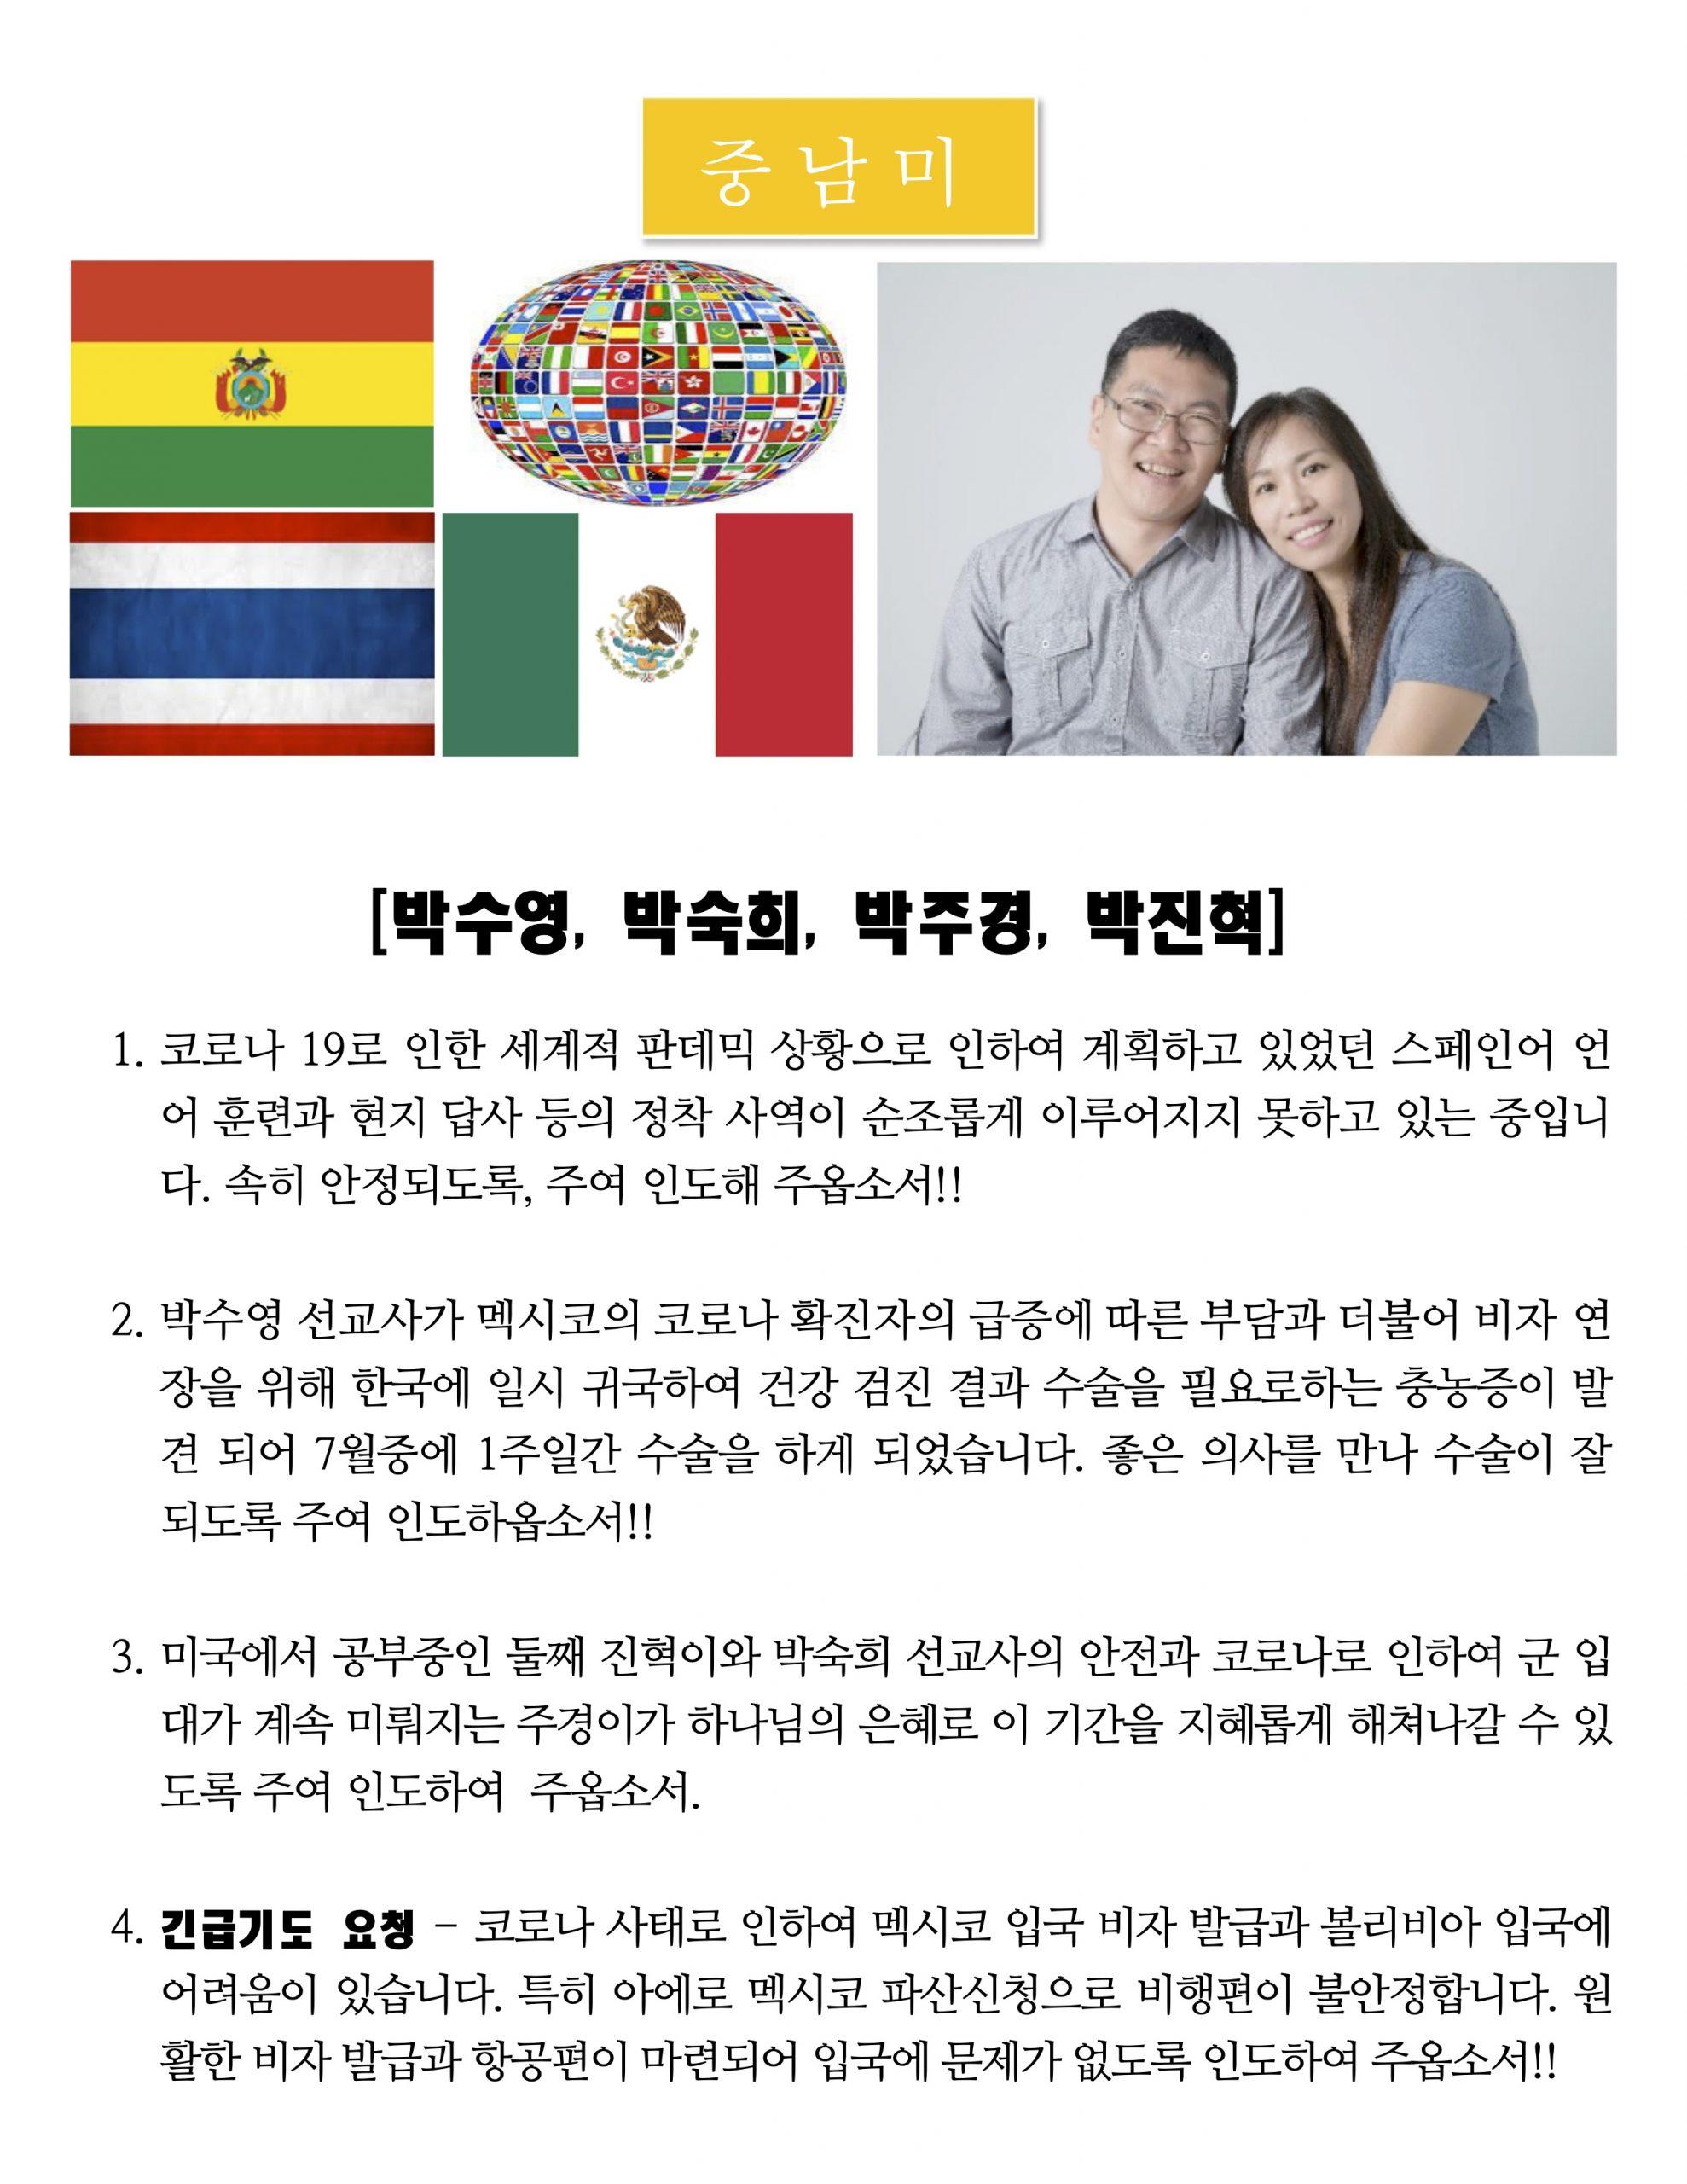 멕시코 - 박수영 선교사 7월 선교편지